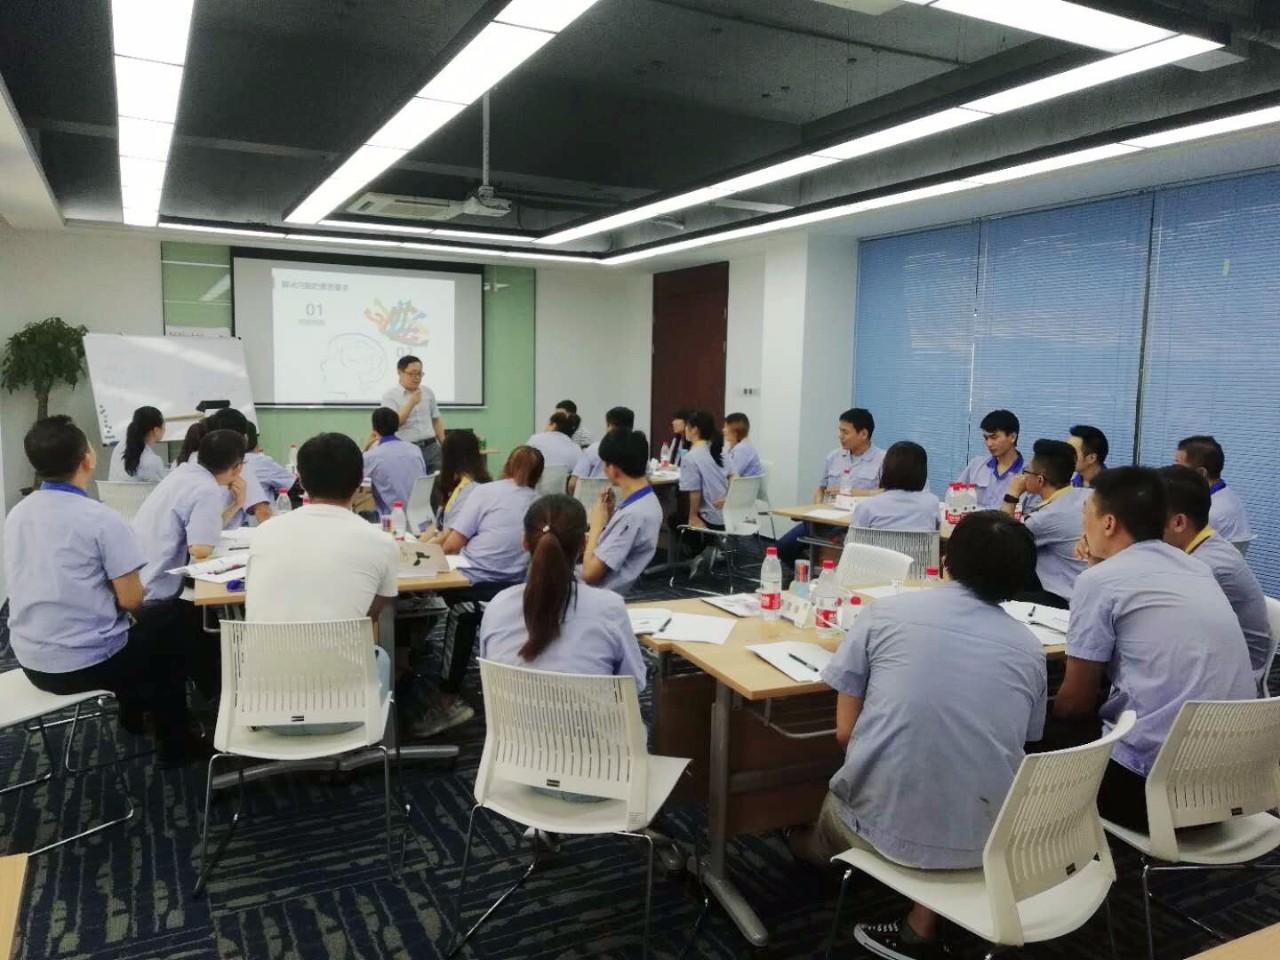 公司举办班组长第三阶段《问题分析与解决》培训